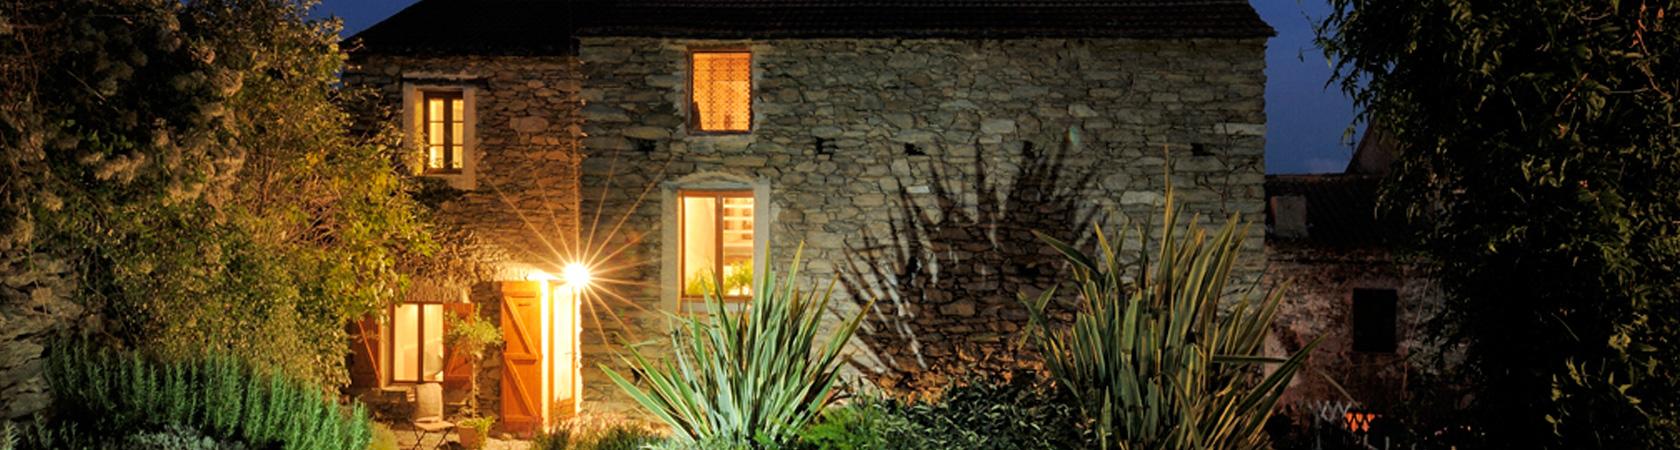 Prestige Villas in Corsica certified by Gîtes de France